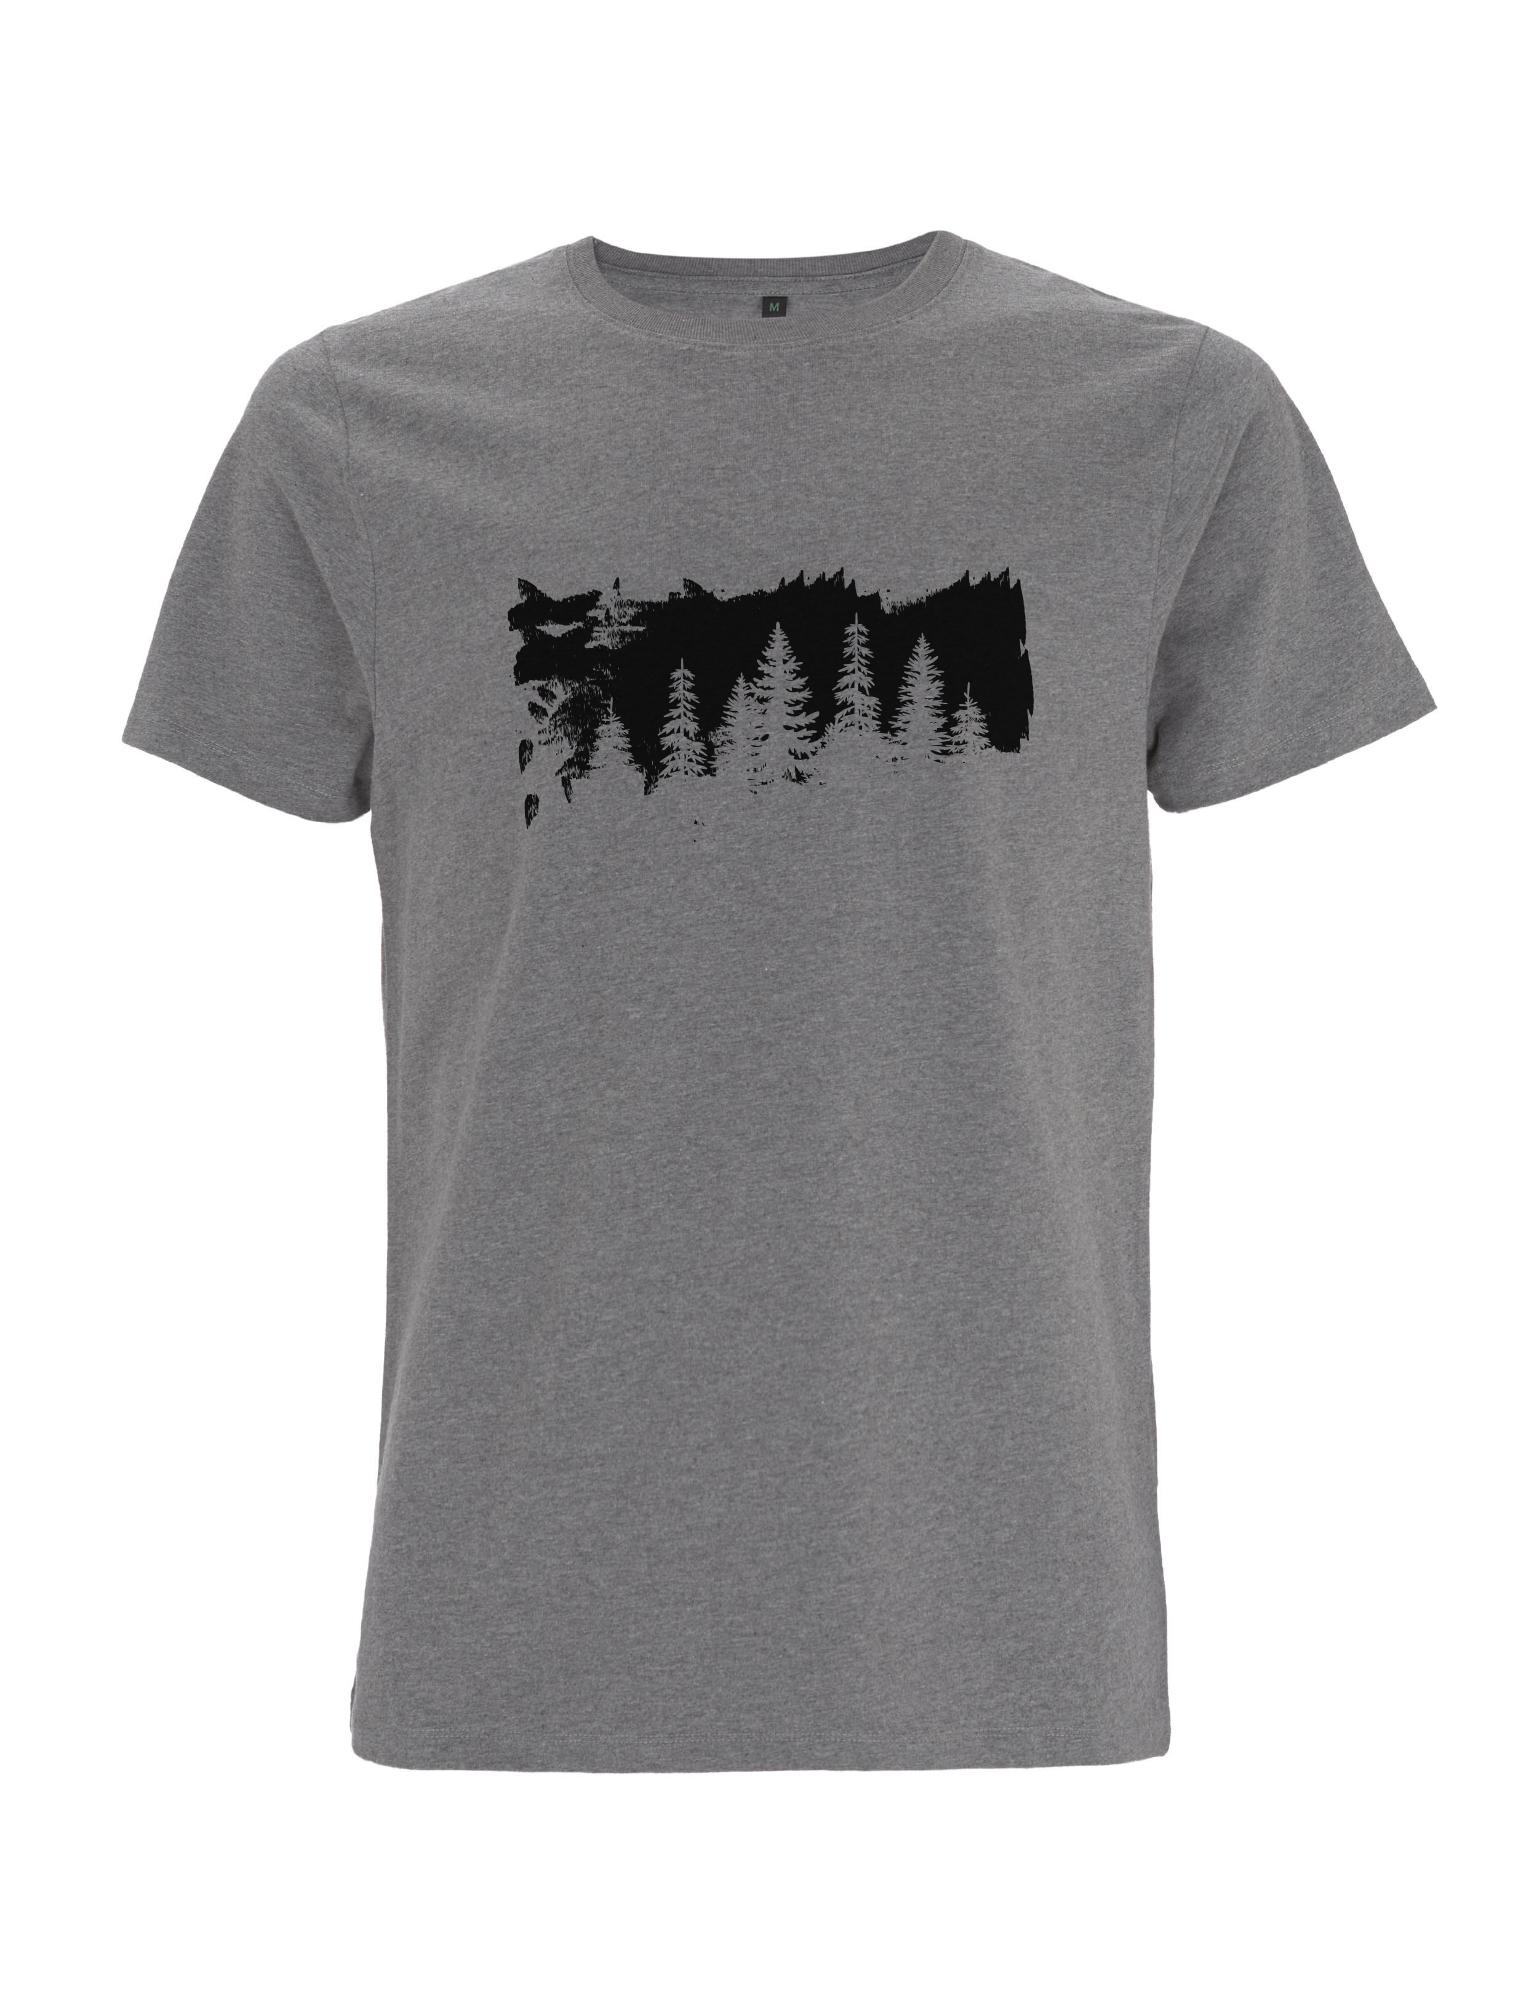 """Unisex FairWear T-Shirt aus Biobaumwolle mit  schwarzem Aufdruck """"Bäume"""""""